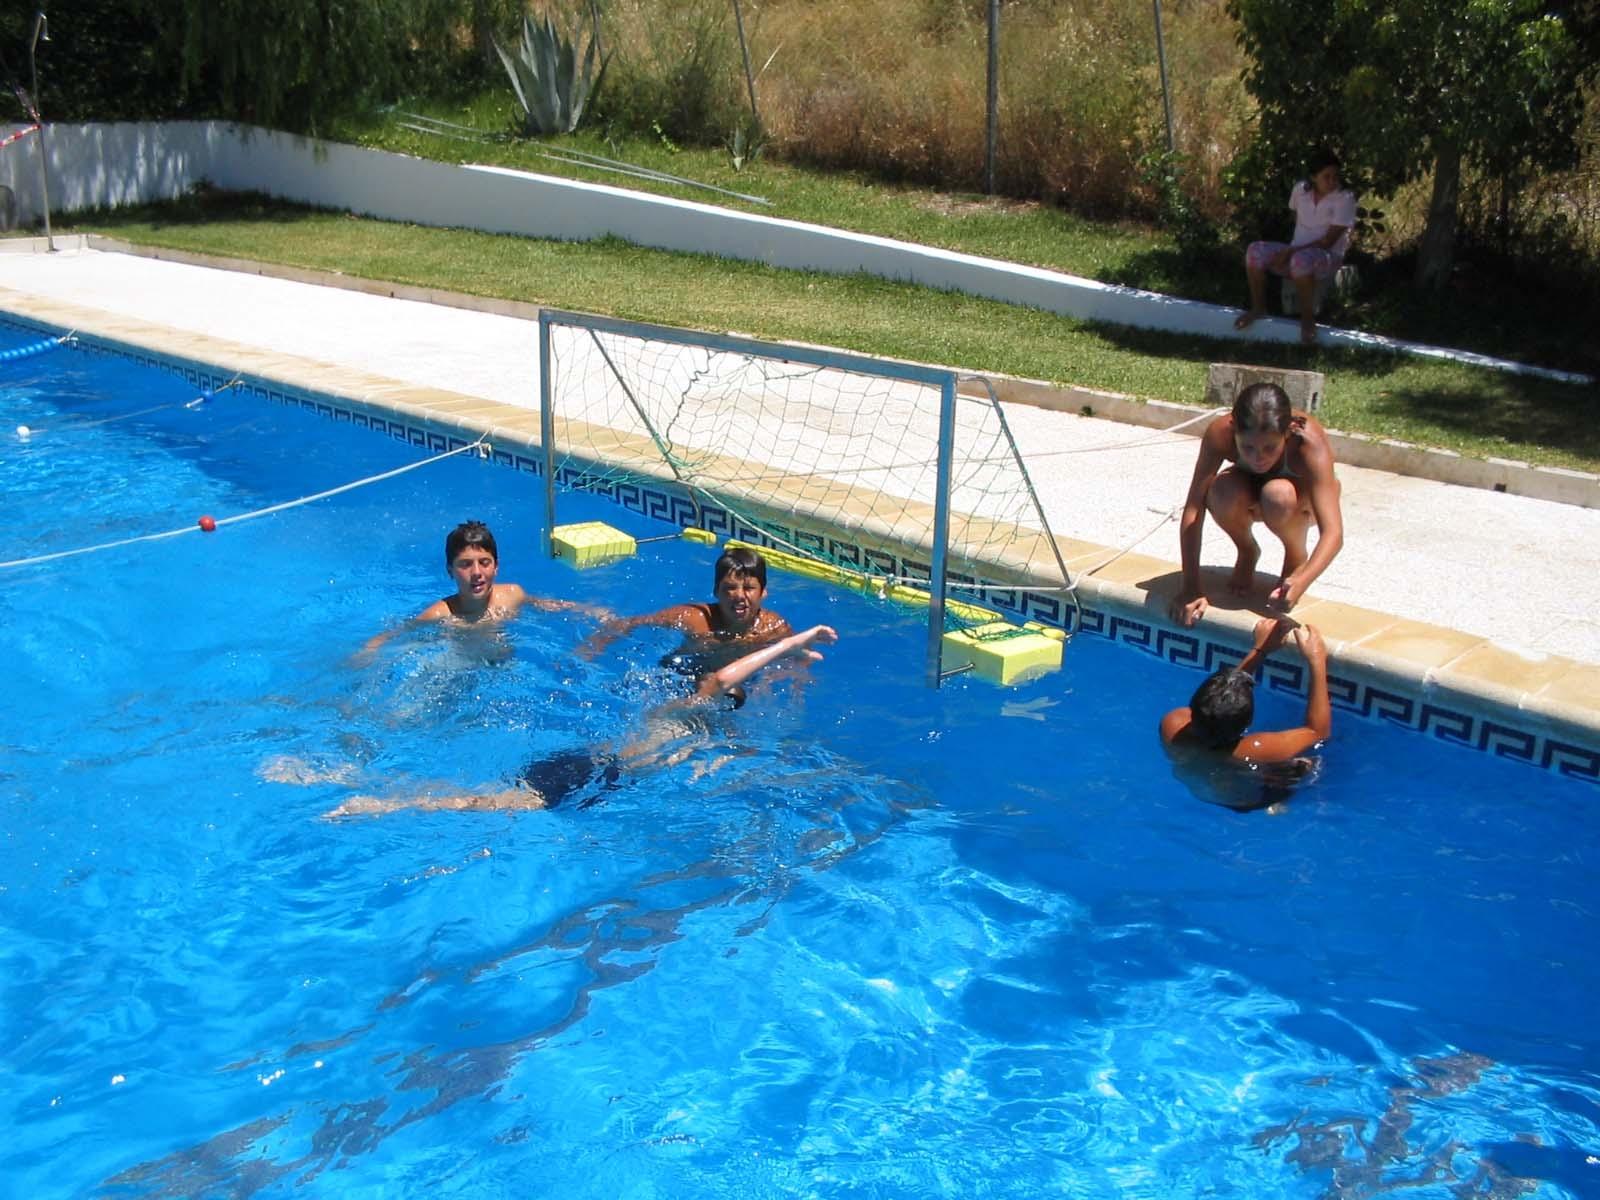 Casares informacion la piscina municipal de casares abre for Piscina municipal de arteixo